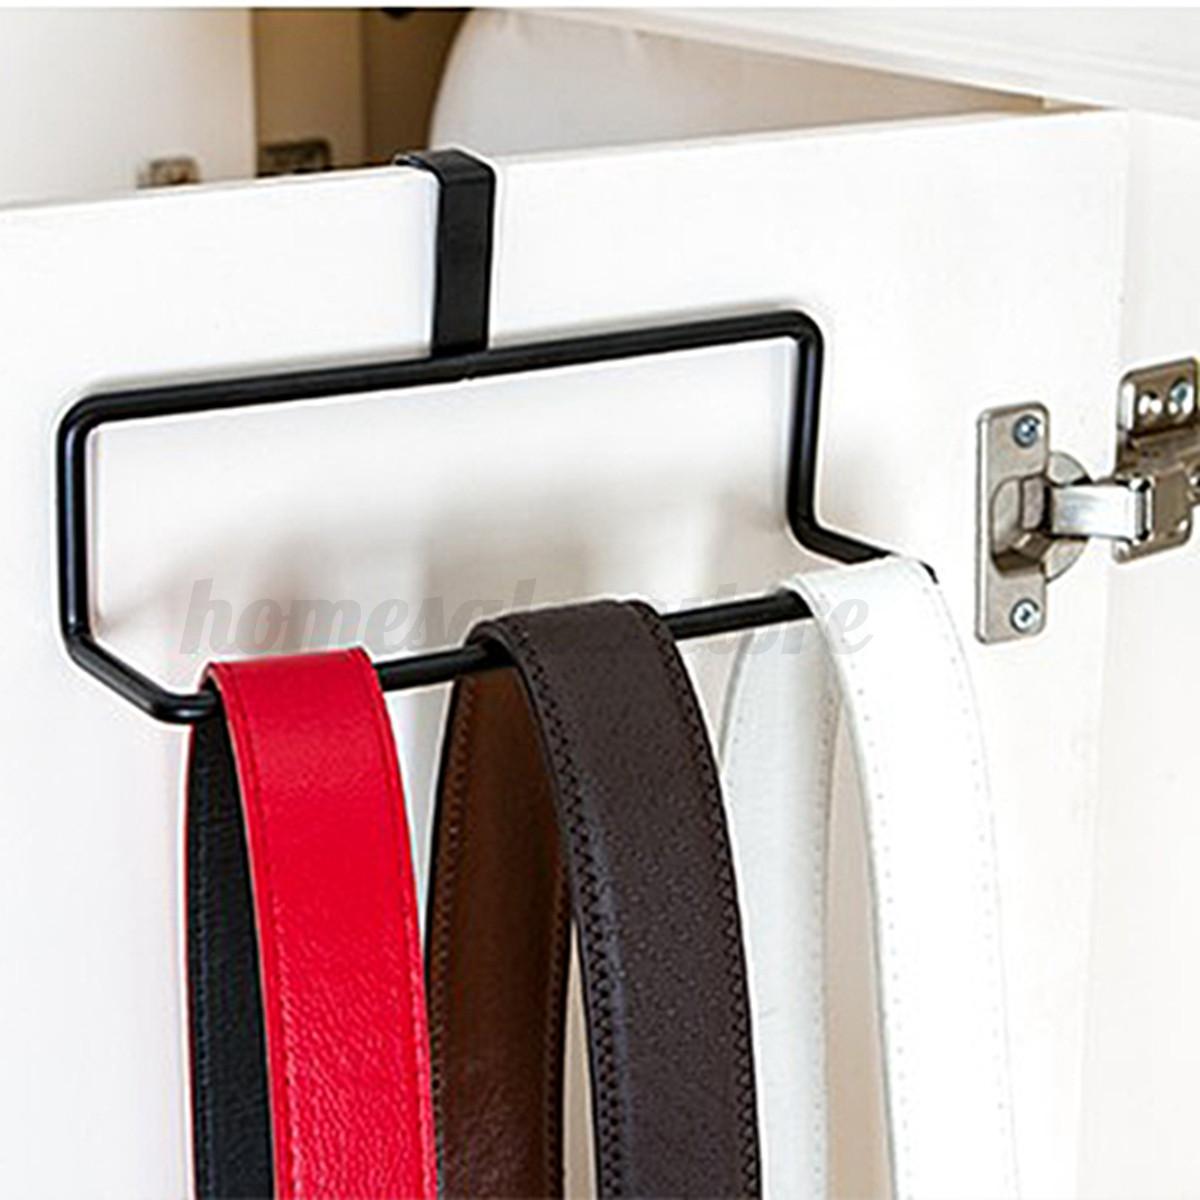 Bathroom Towel Door Hanger: 19cm Cabinet Hanger Over Door Kitchen Drawer Towel Holder